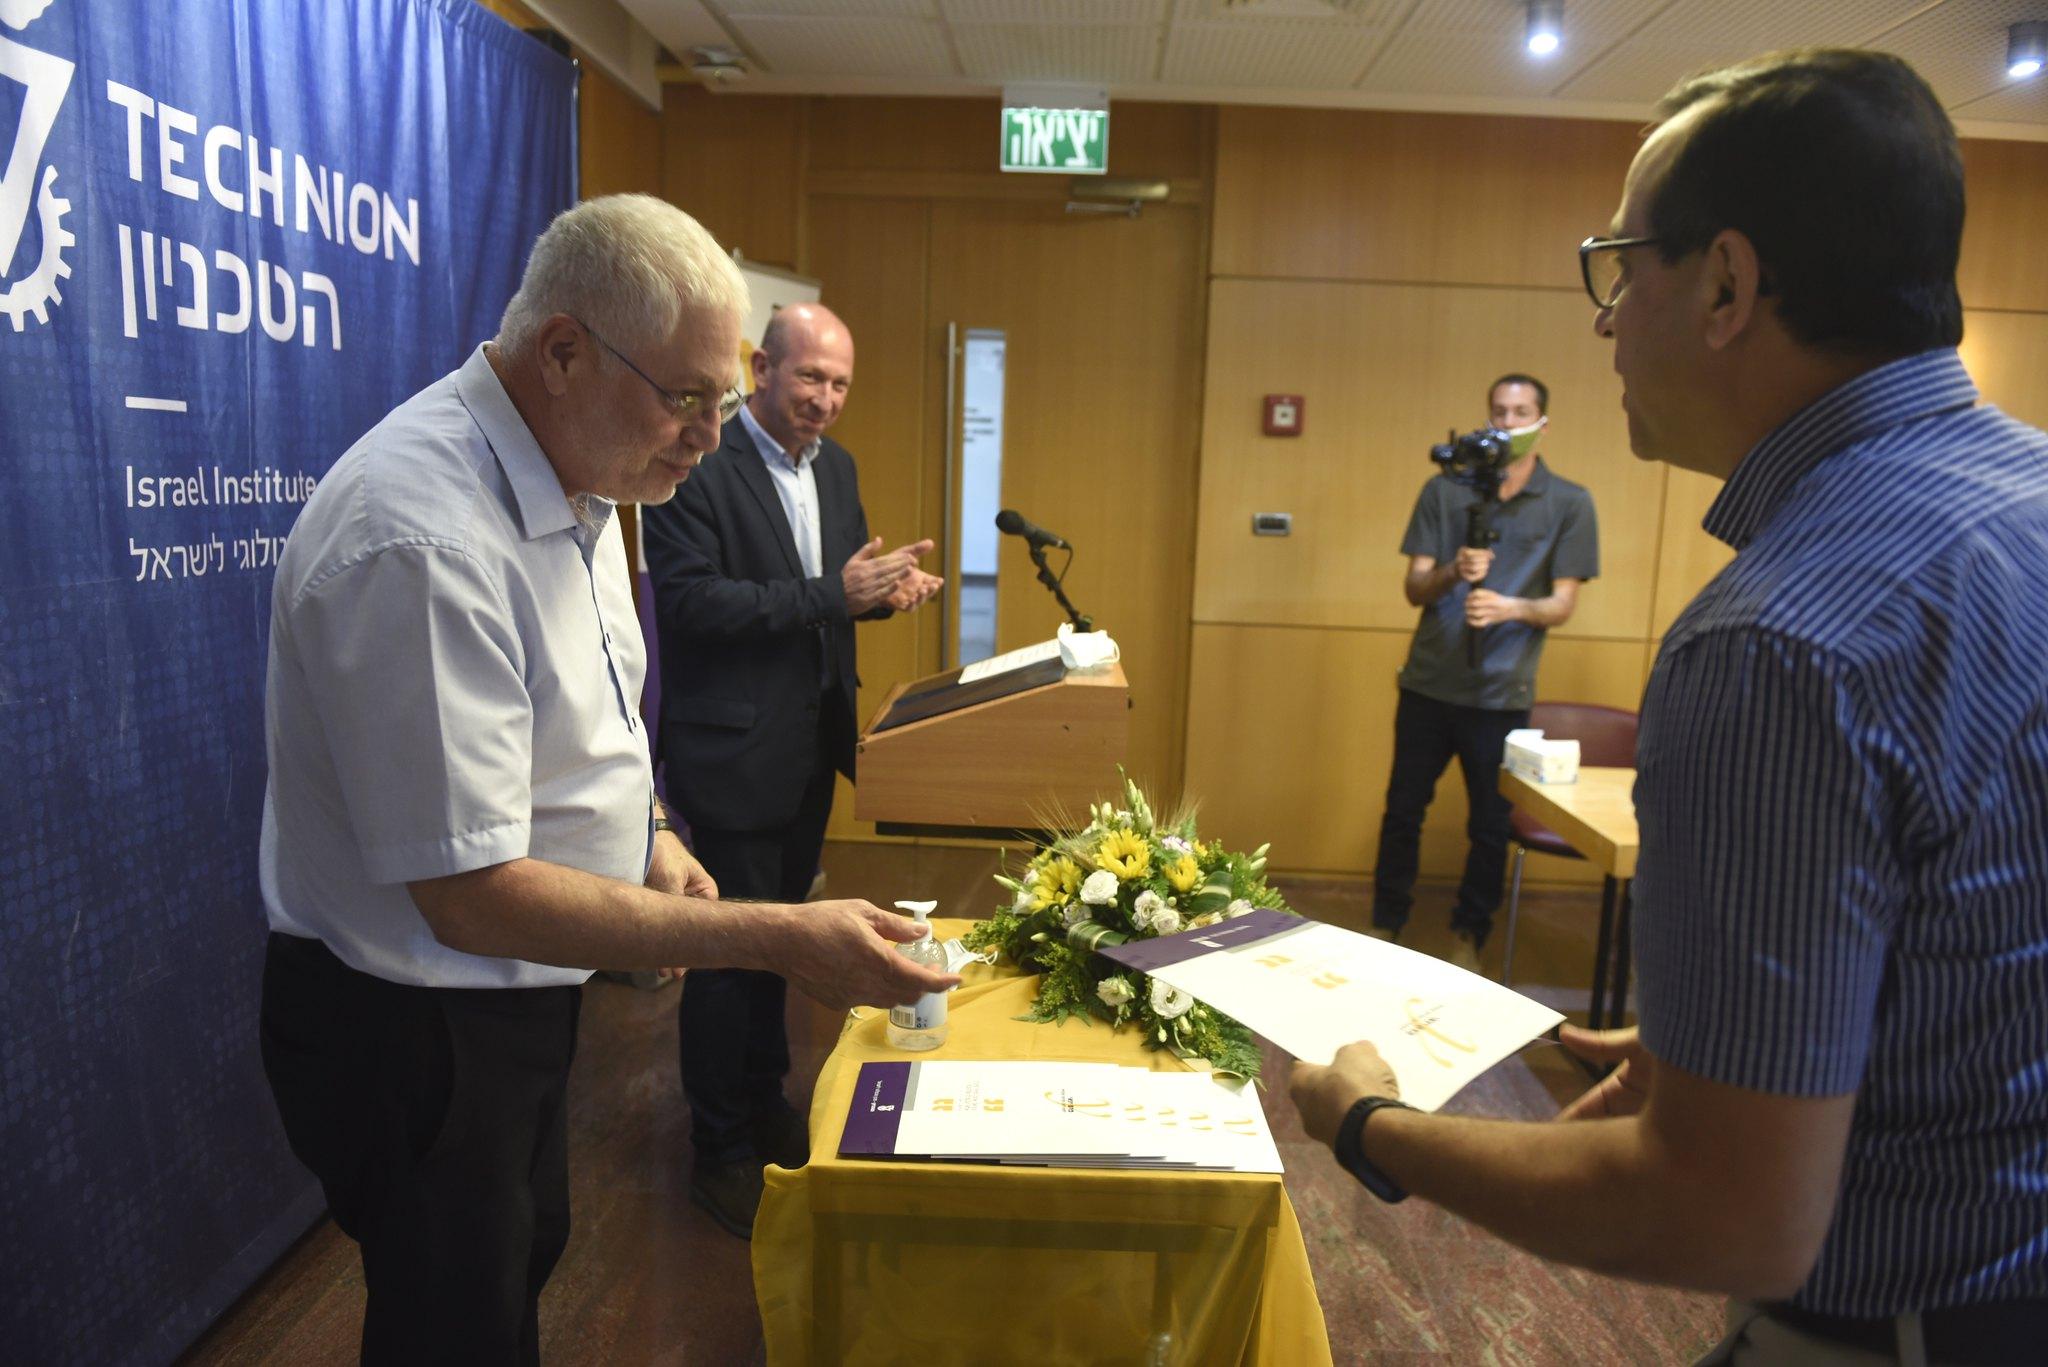 """נשיא הטכניון פרופ' אורי סיון מעניק את הפרס לפרופ""""ח נביה איוב מהפקולטה לביולוגיה"""